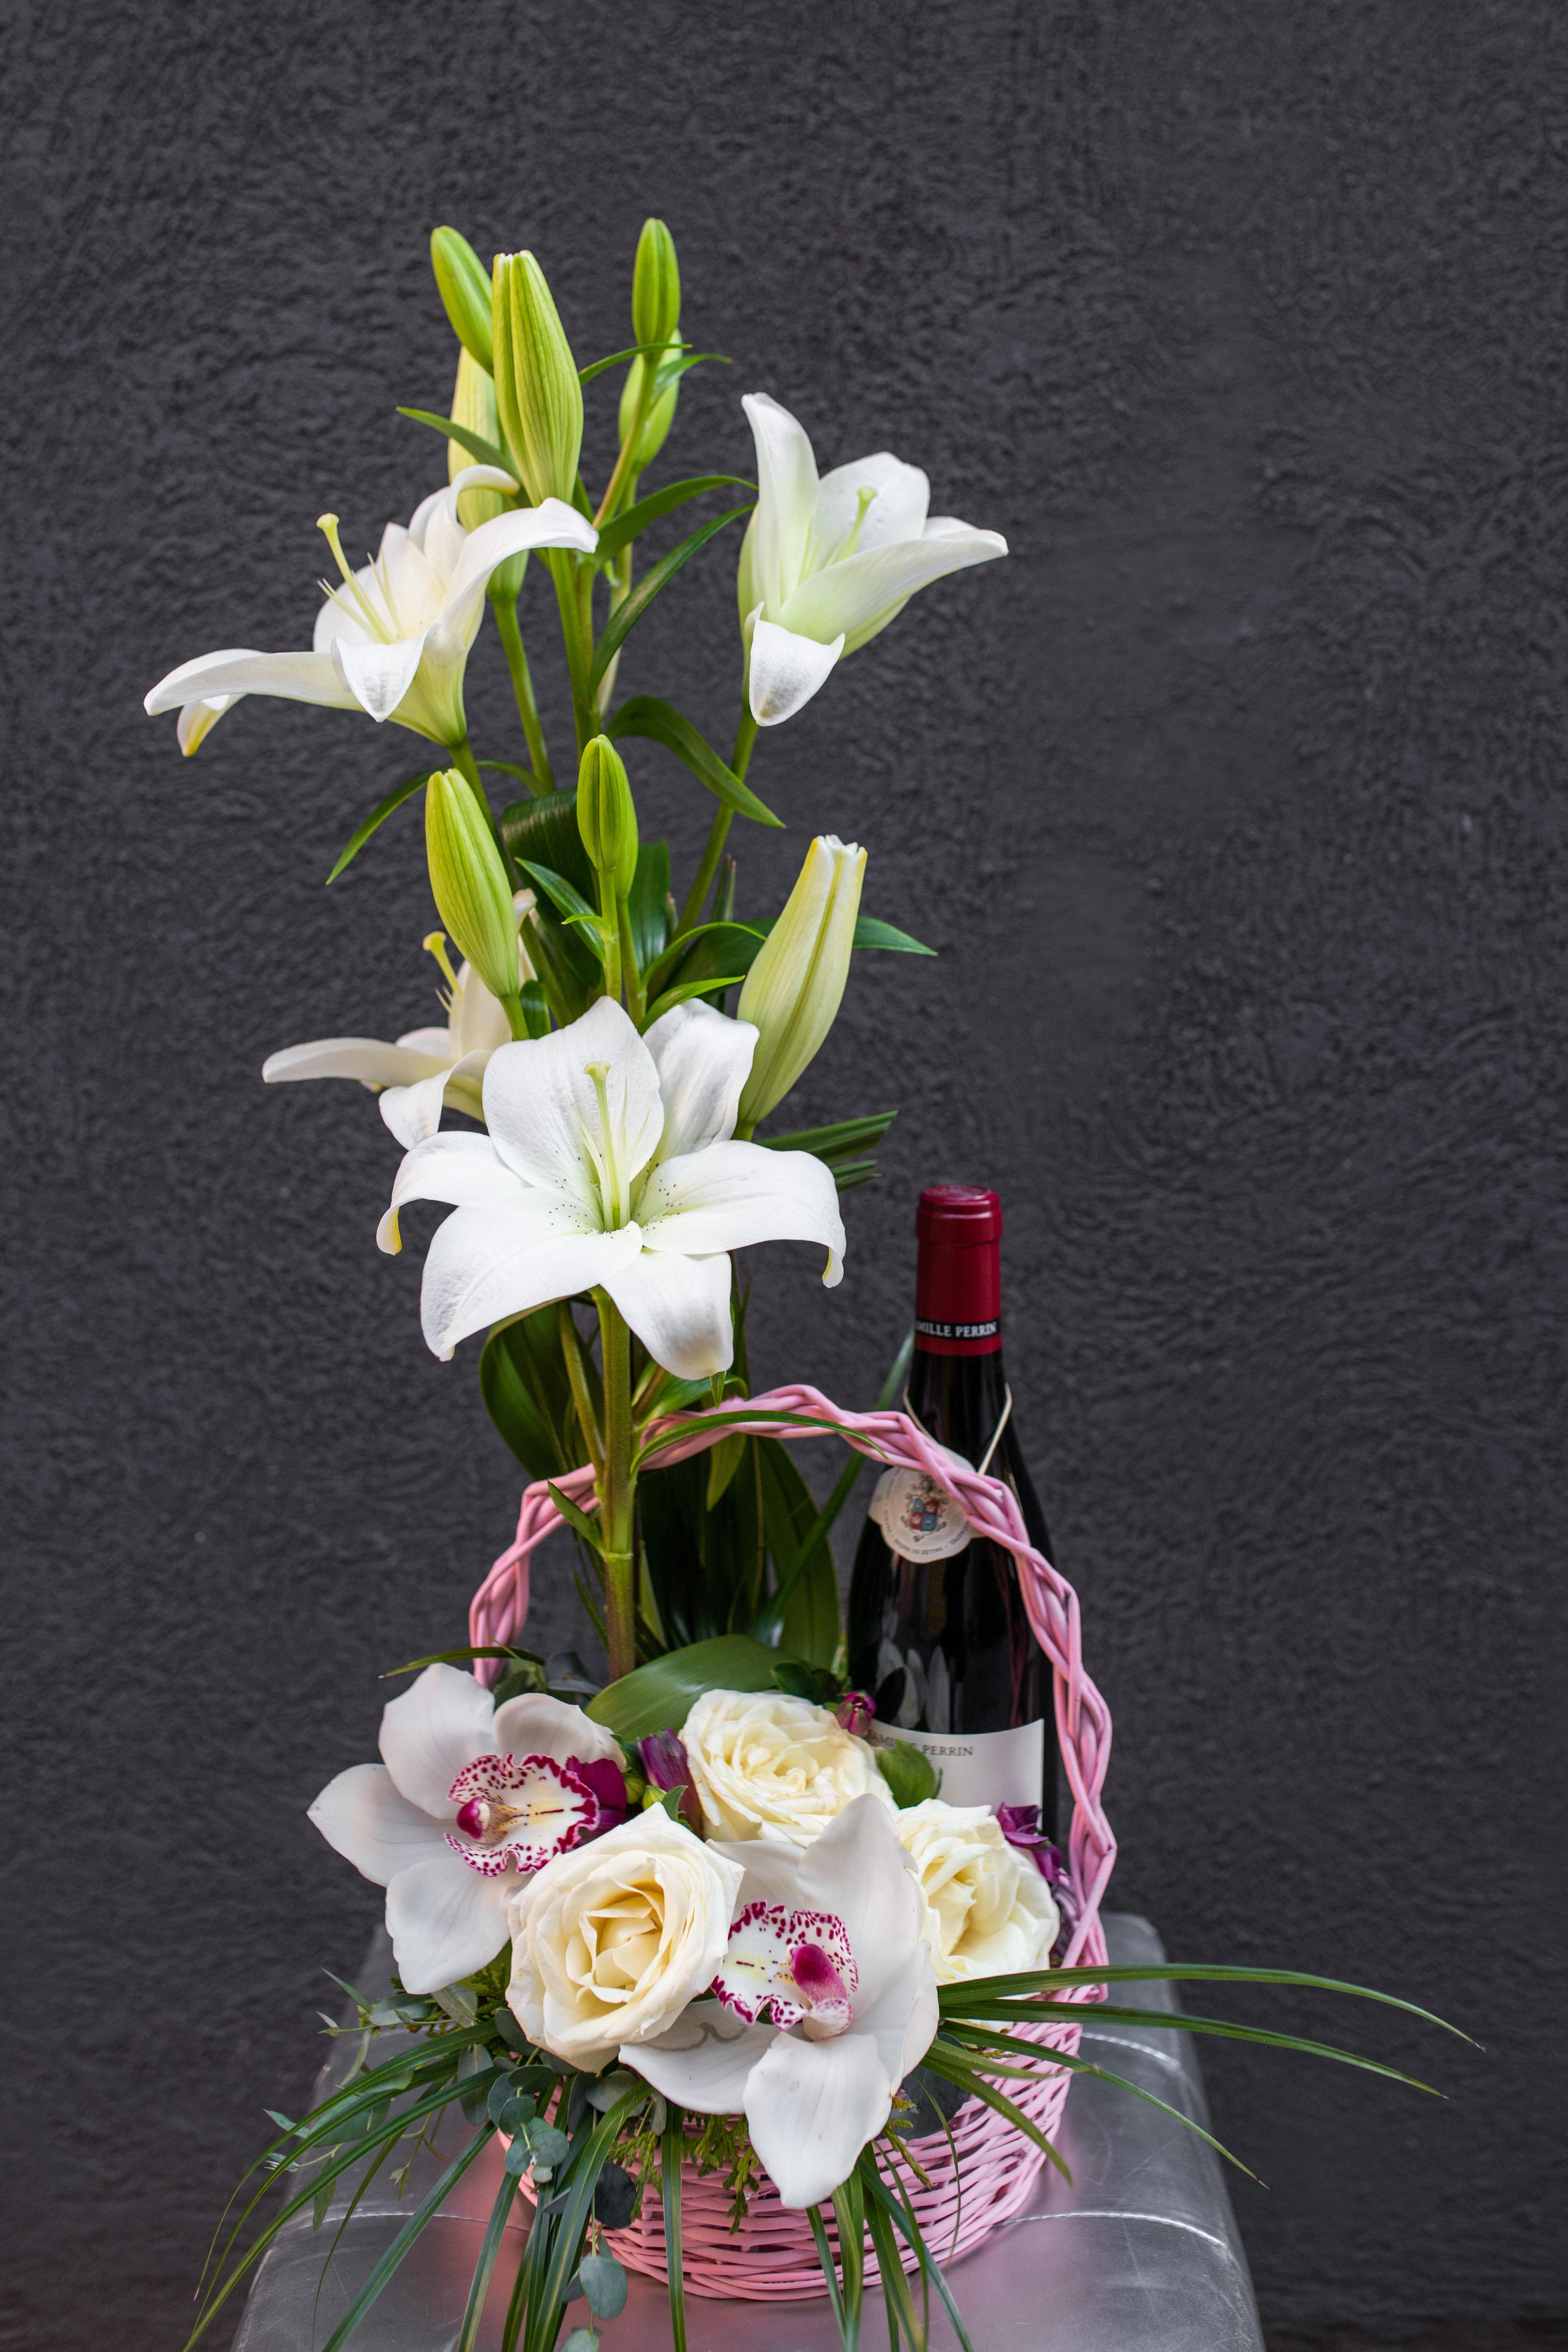 Cvetni aranžman ljiljani ruže i orhideje